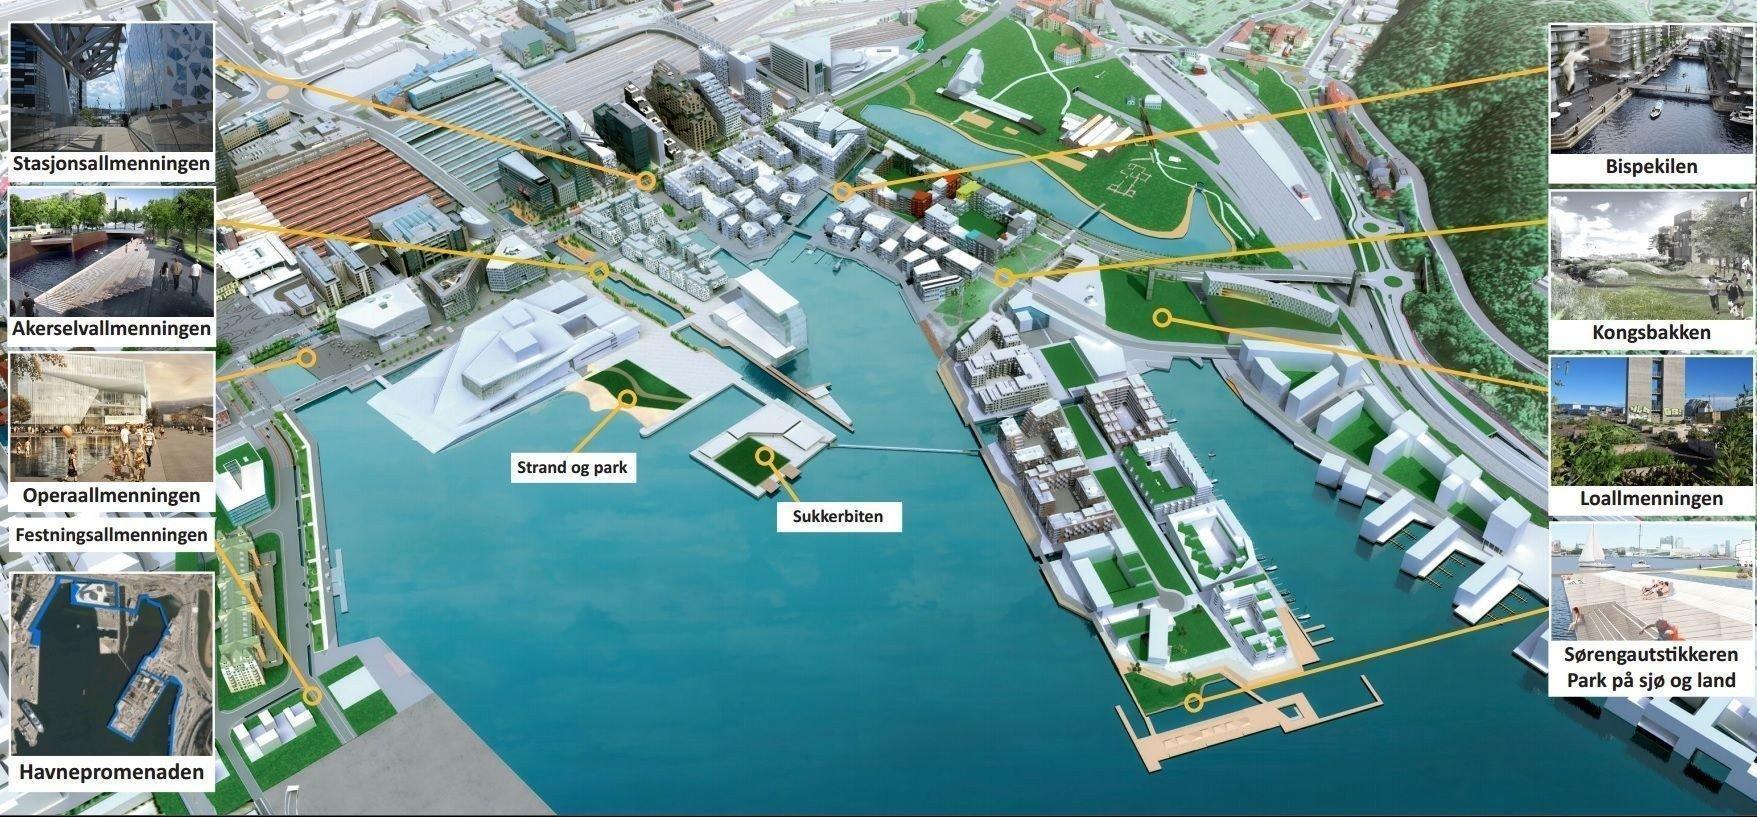 8545a0b7 Slik skal det se ut i Bjørvika når utbyggingen er ferdig. Sjøbadet ligger  på Sørenga, nederst til høyre i bildet. Foto: Bjørvika Utvikling/Vianova